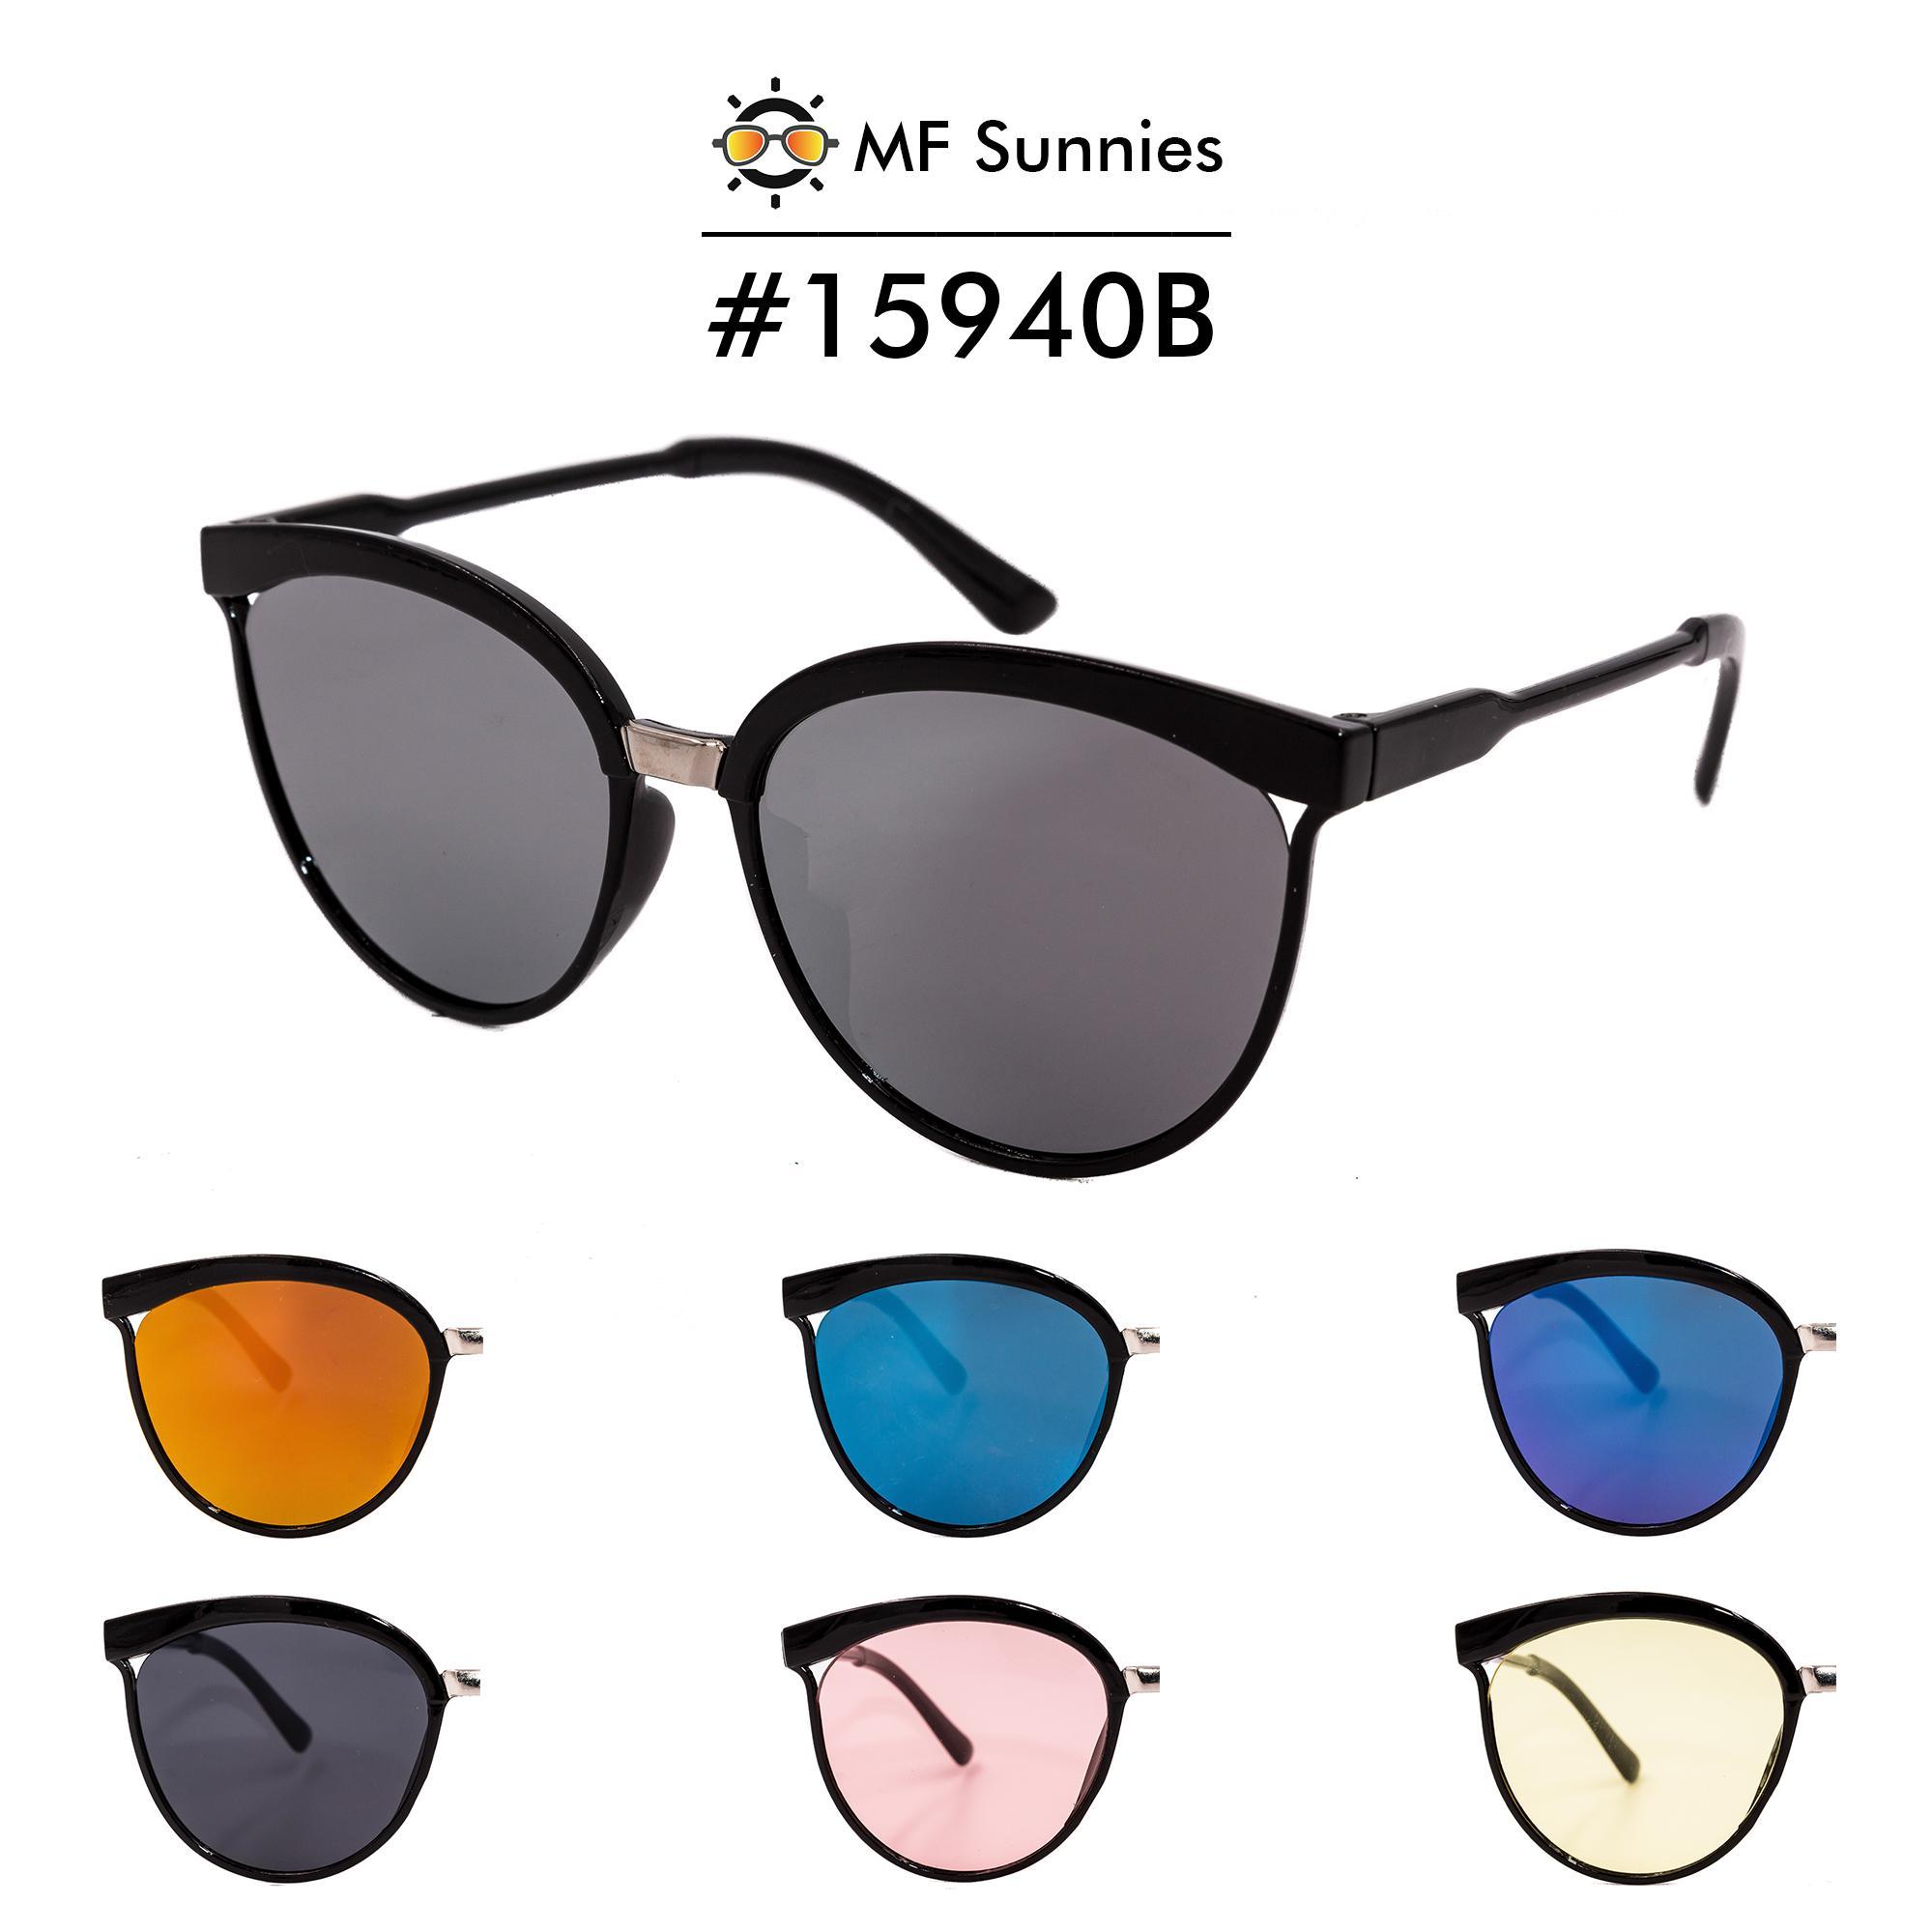 edbd74f5ef Sunglasses For Women for sale - Womens Sunglasses online brands ...